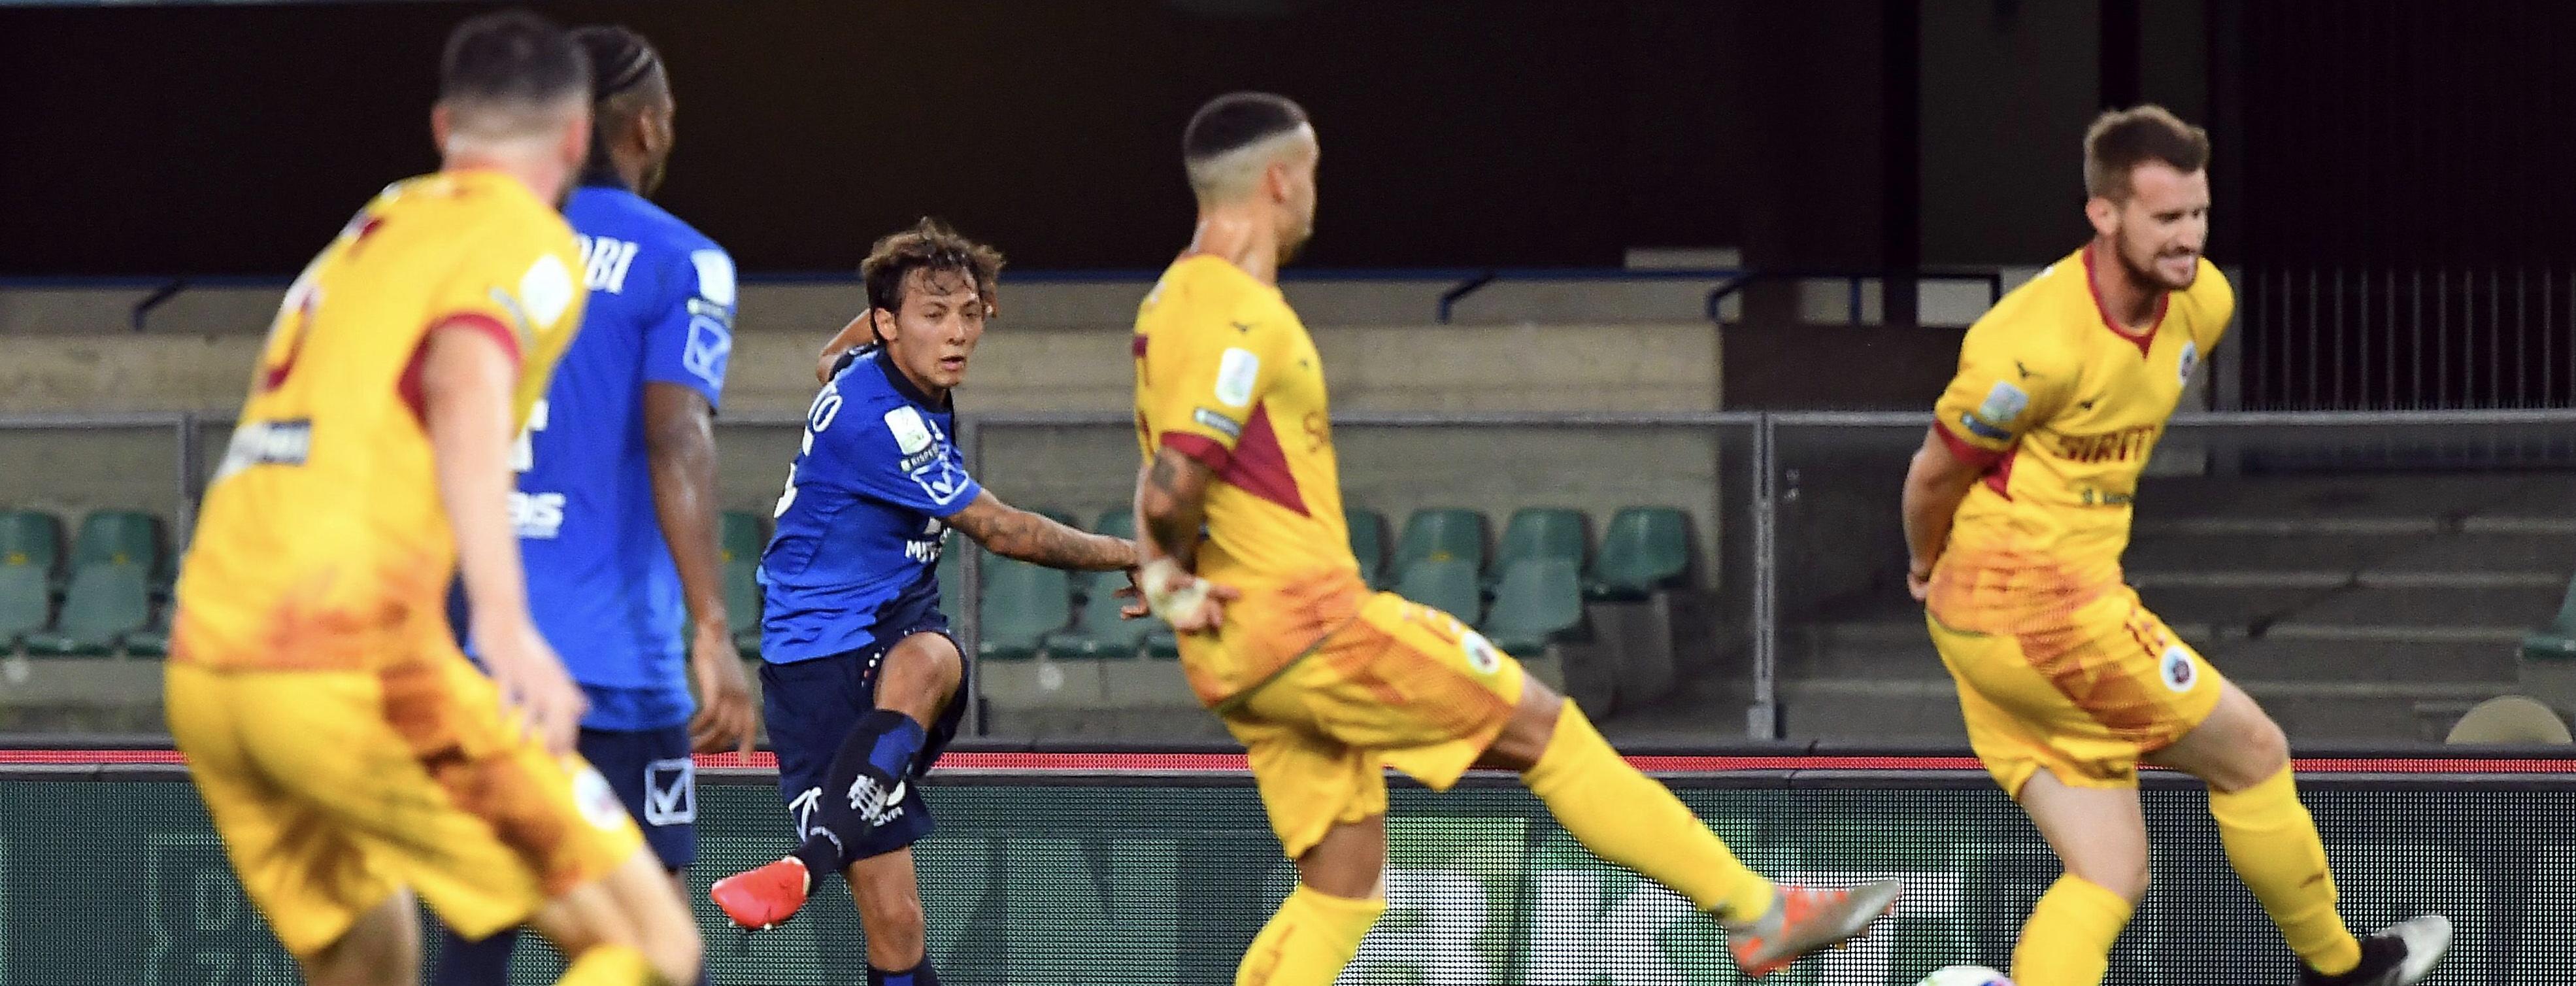 Chievo – Cittadella 4 – 1